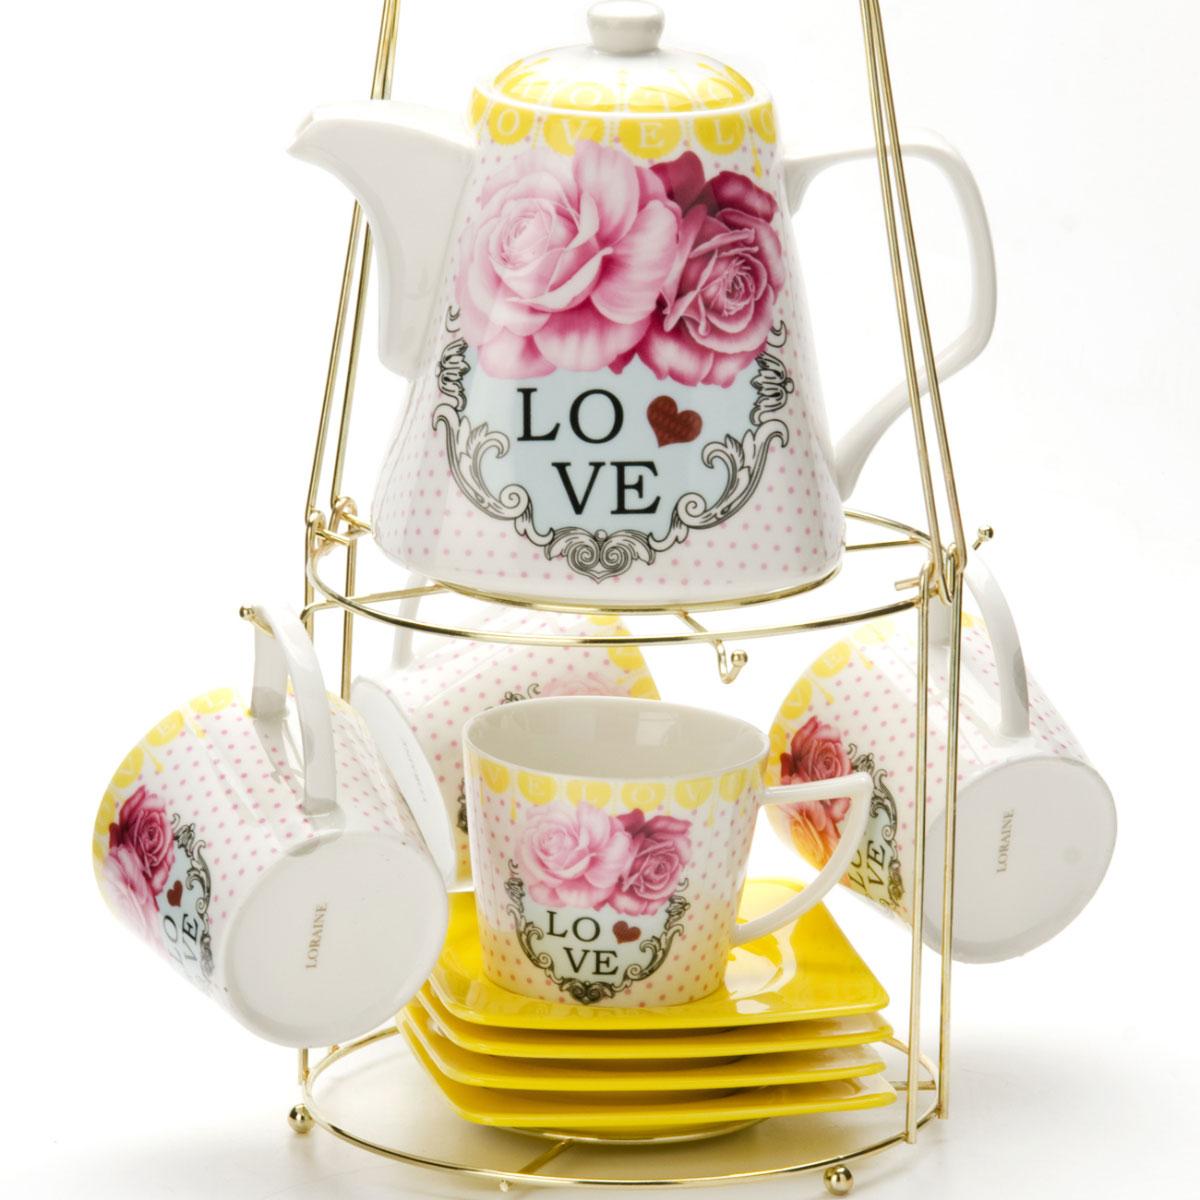 Набор чайный Mayer & Boch, на подставке, 9 предметов. 2473124731Чайный набор LORAINE состоит из 4 чашек, 4 блюдец и заварочного чайника (1,1 л). Предметы набора изготовлены из керамики и оформлены изображением цветов. Все предметы располагаются на удобной металлической подставке с ручкой. Элегантный дизайн набора придется по вкусу и ценителям классики, и тем, кто предпочитает утонченность и изысканность. Он настроит на позитивный лад и подарит хорошее настроение с самого утра. Чайный набор LORAINE идеально подойдет для сервировки стола и станет отличным подарком к любому празднику.